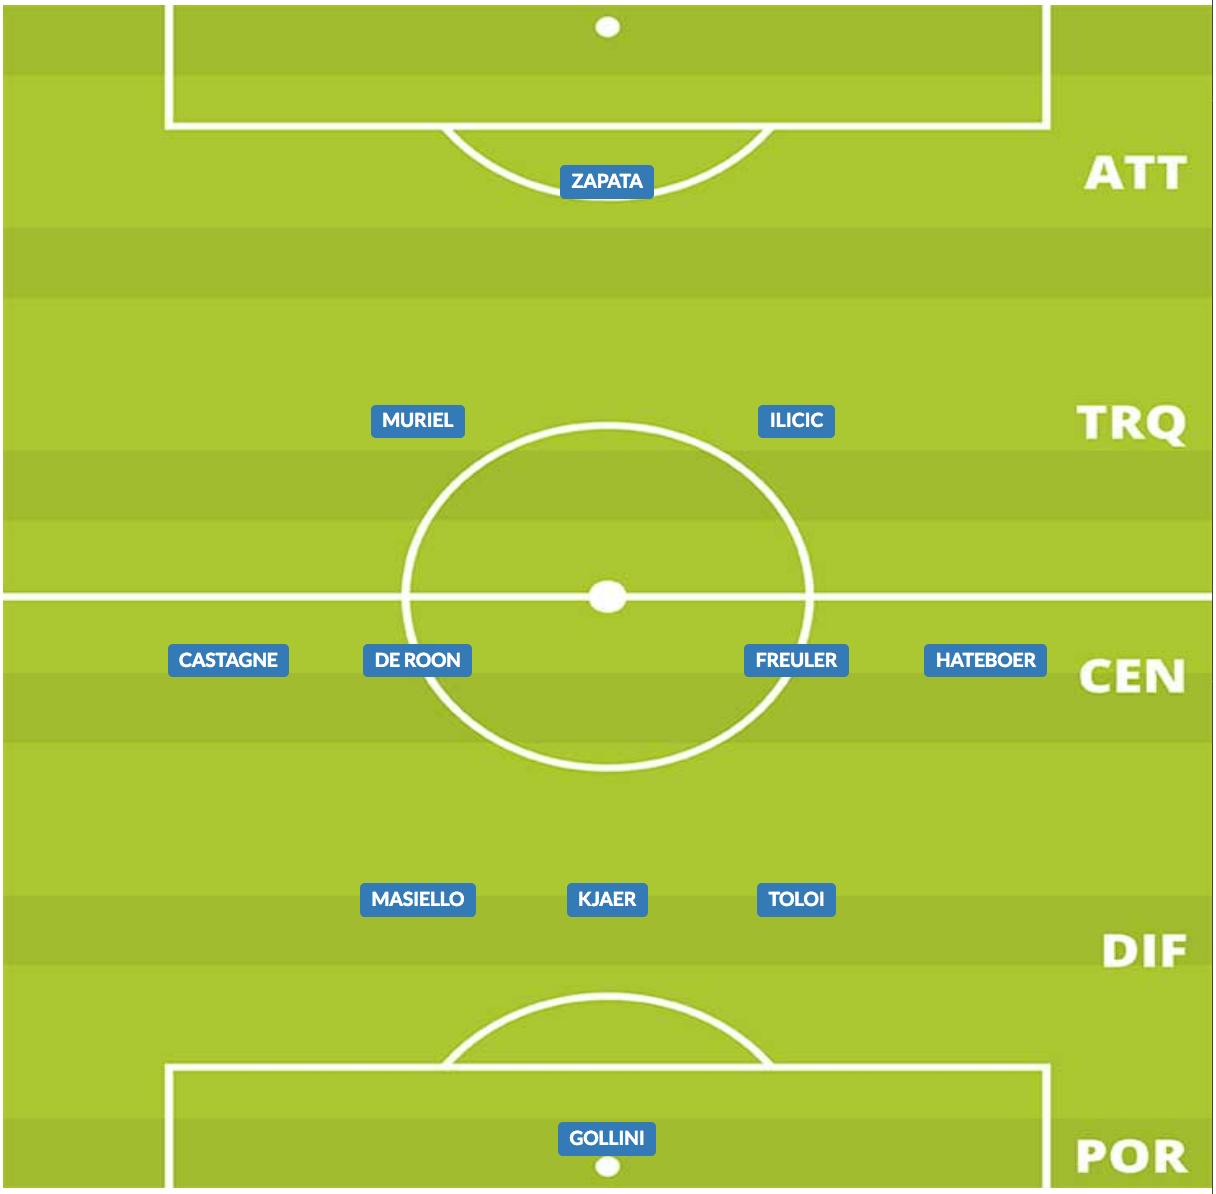 probabile formazione atalanta 2019/20